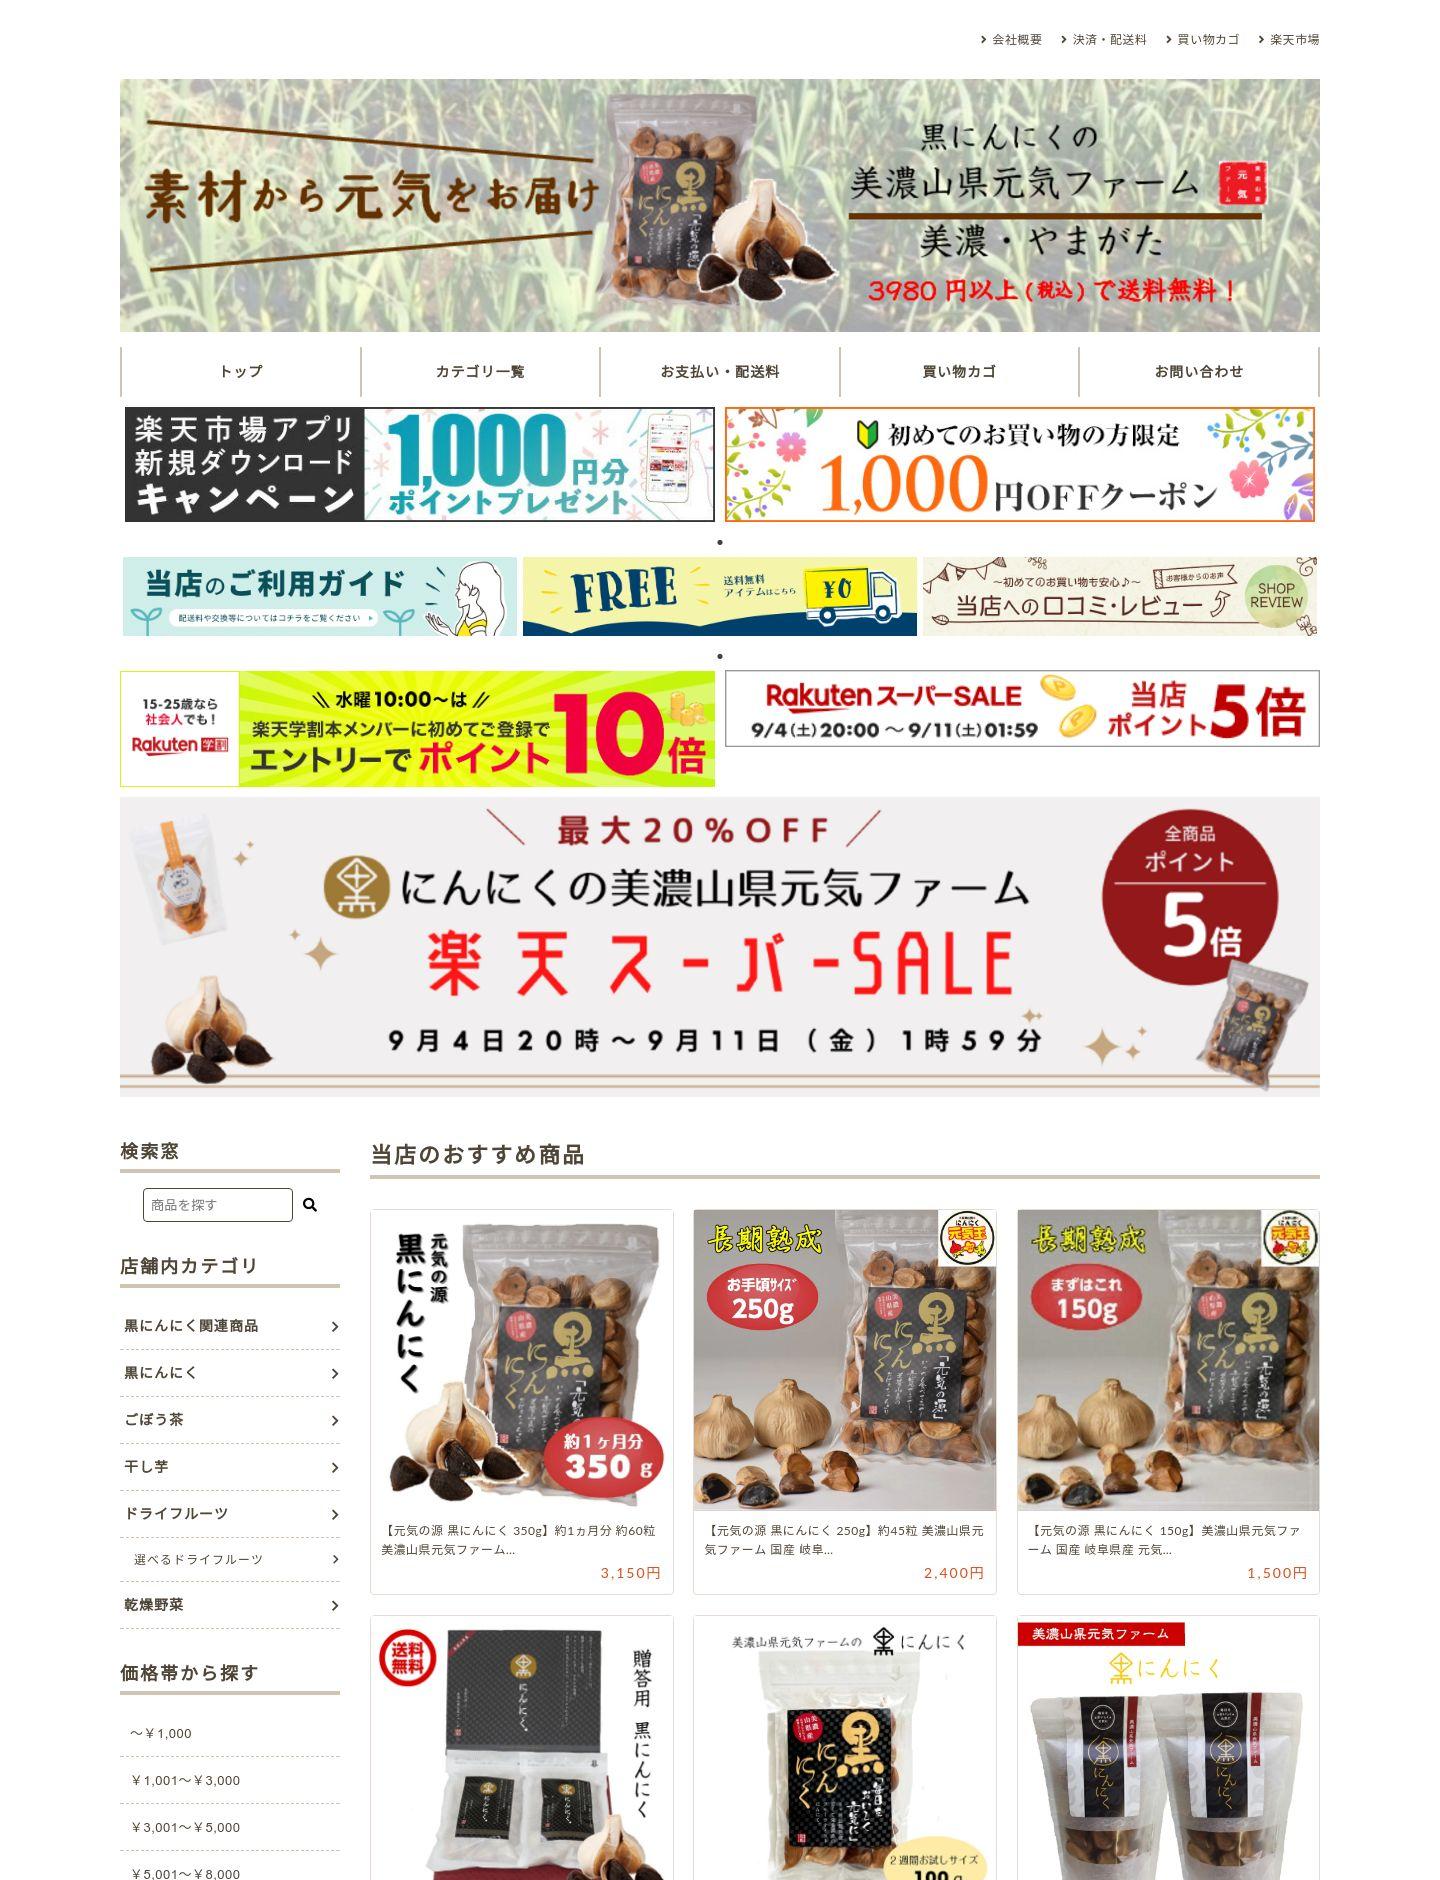 黒にんにくの美濃山県元気ファーム様 サイト画像